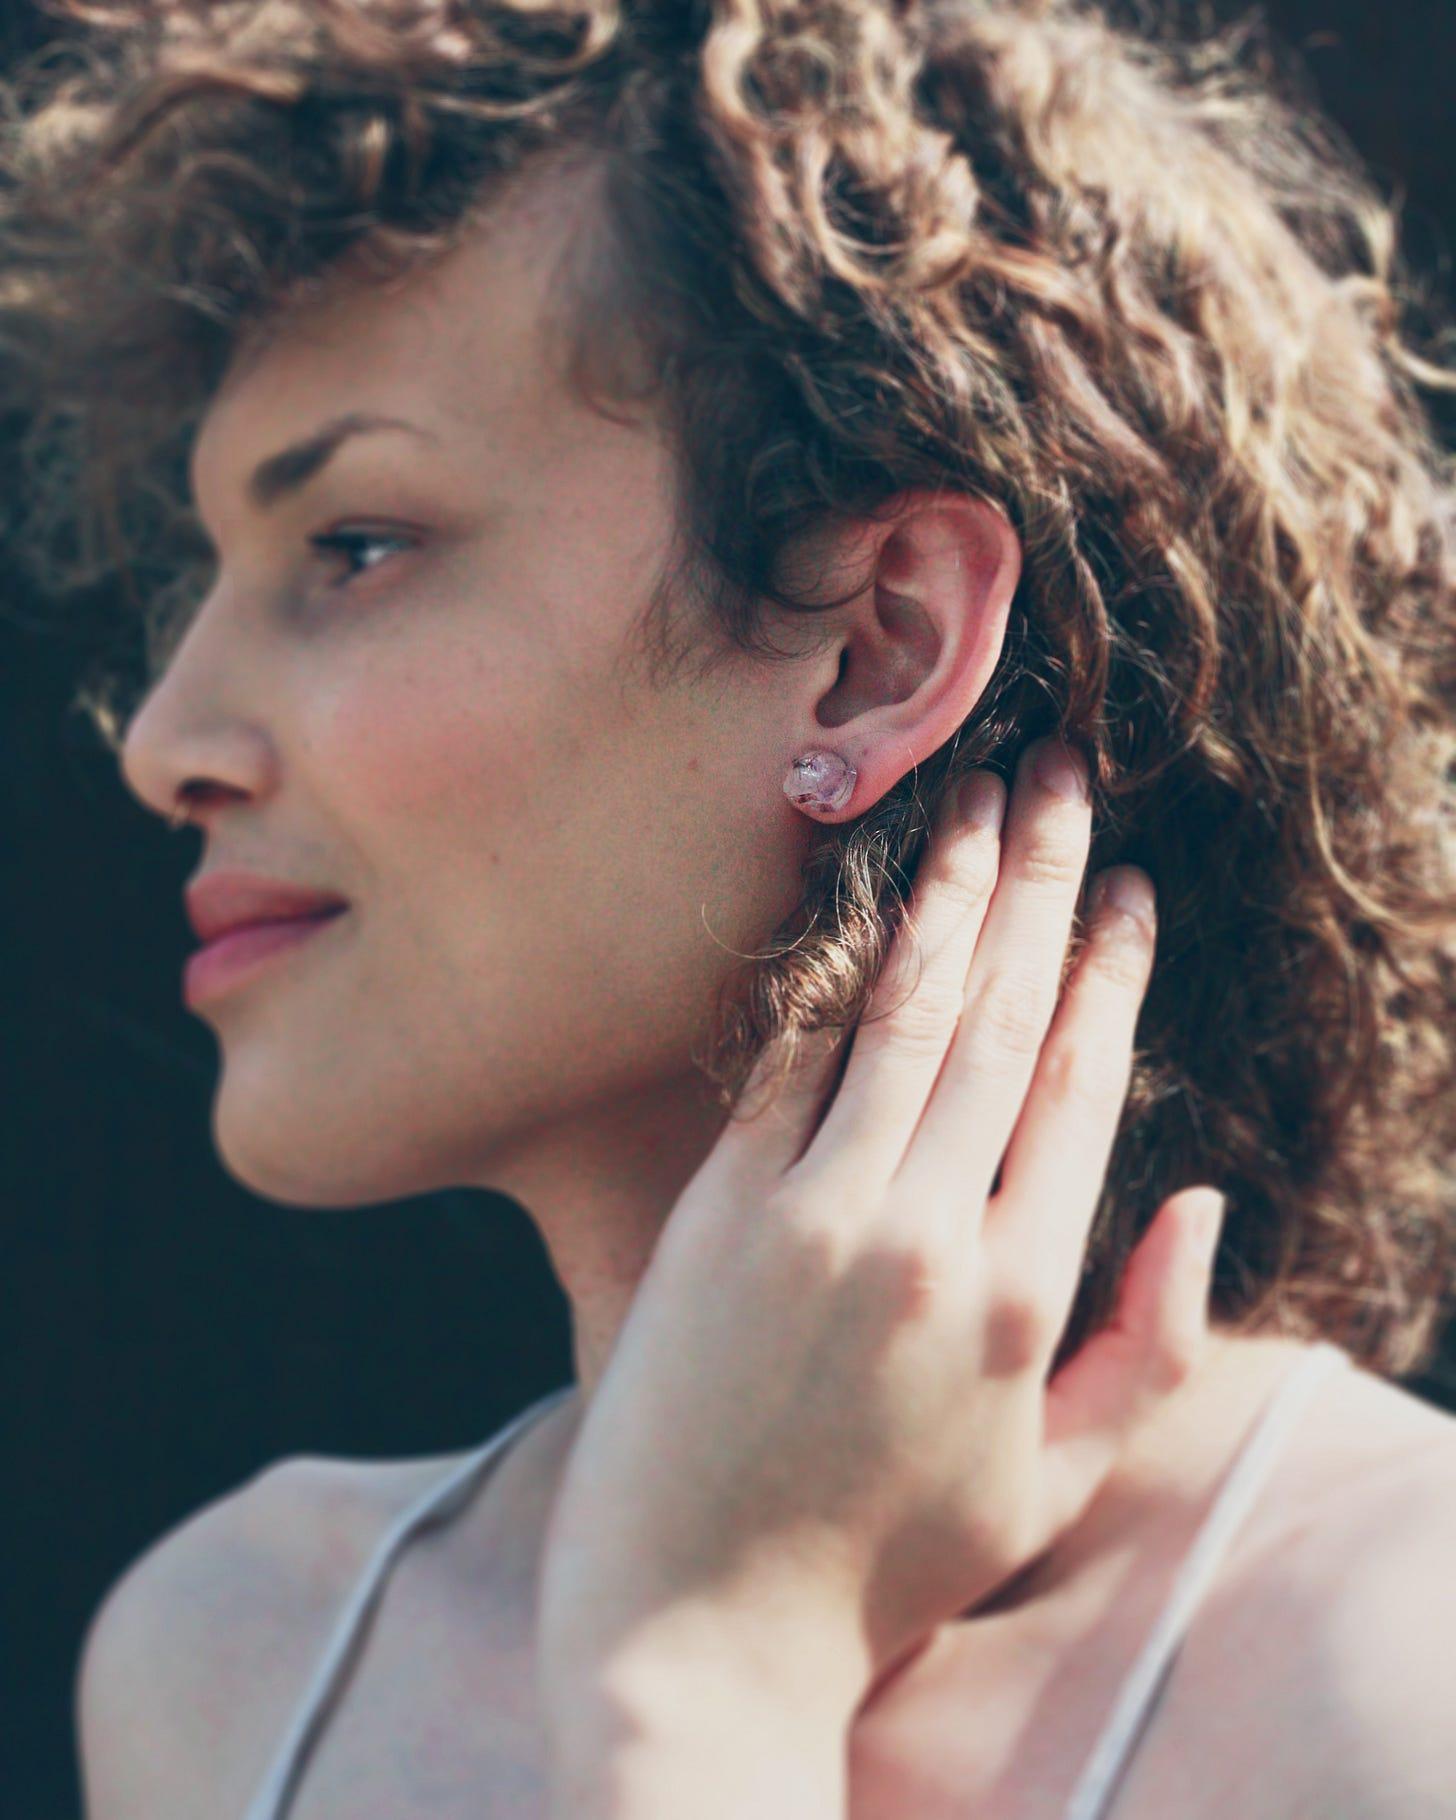 amethyst stud earrings.jpg